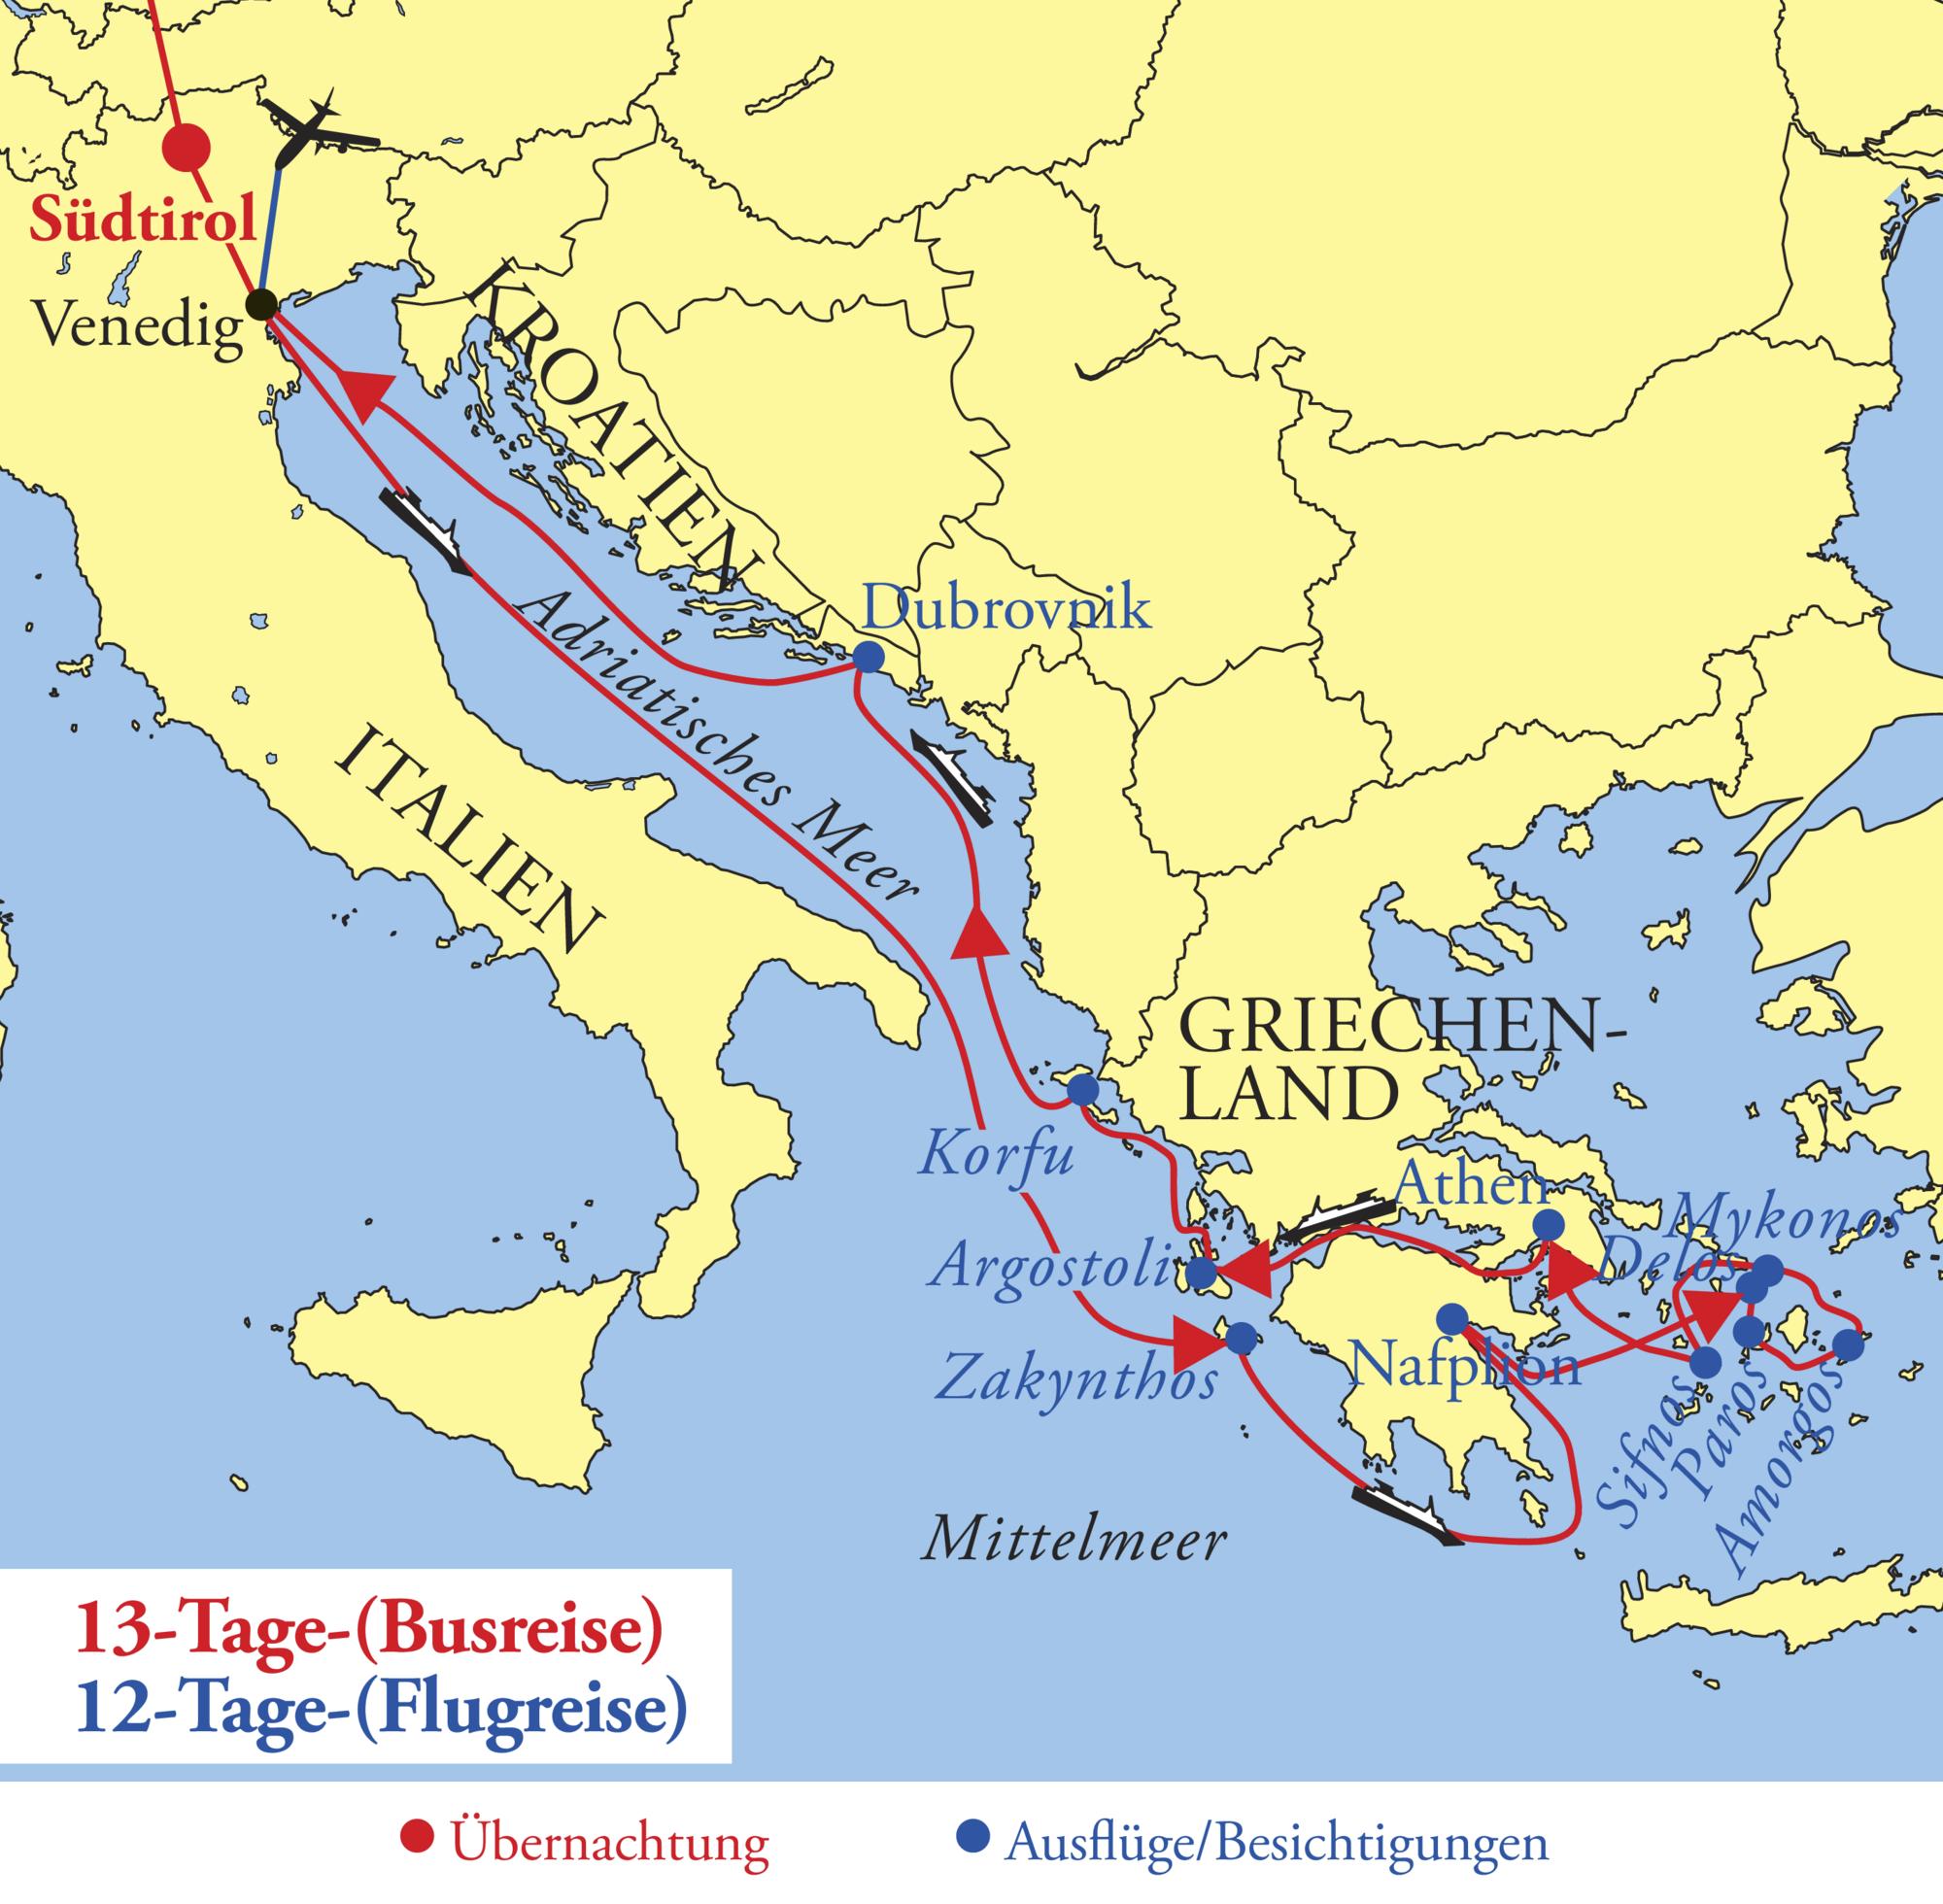 Mittelmeer Karte Inseln.Hsk Adria Und Griechische Inseln